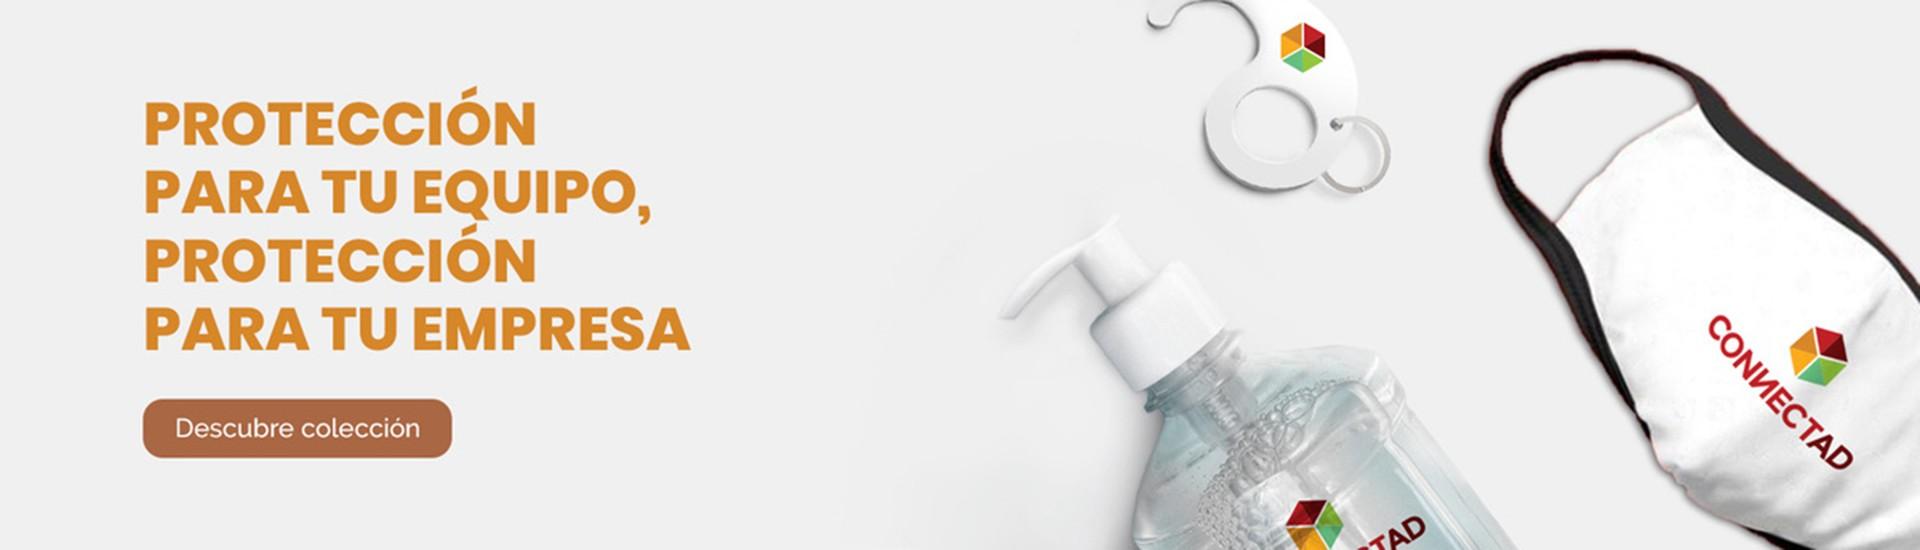 Productos de protección Covid19 para empresas